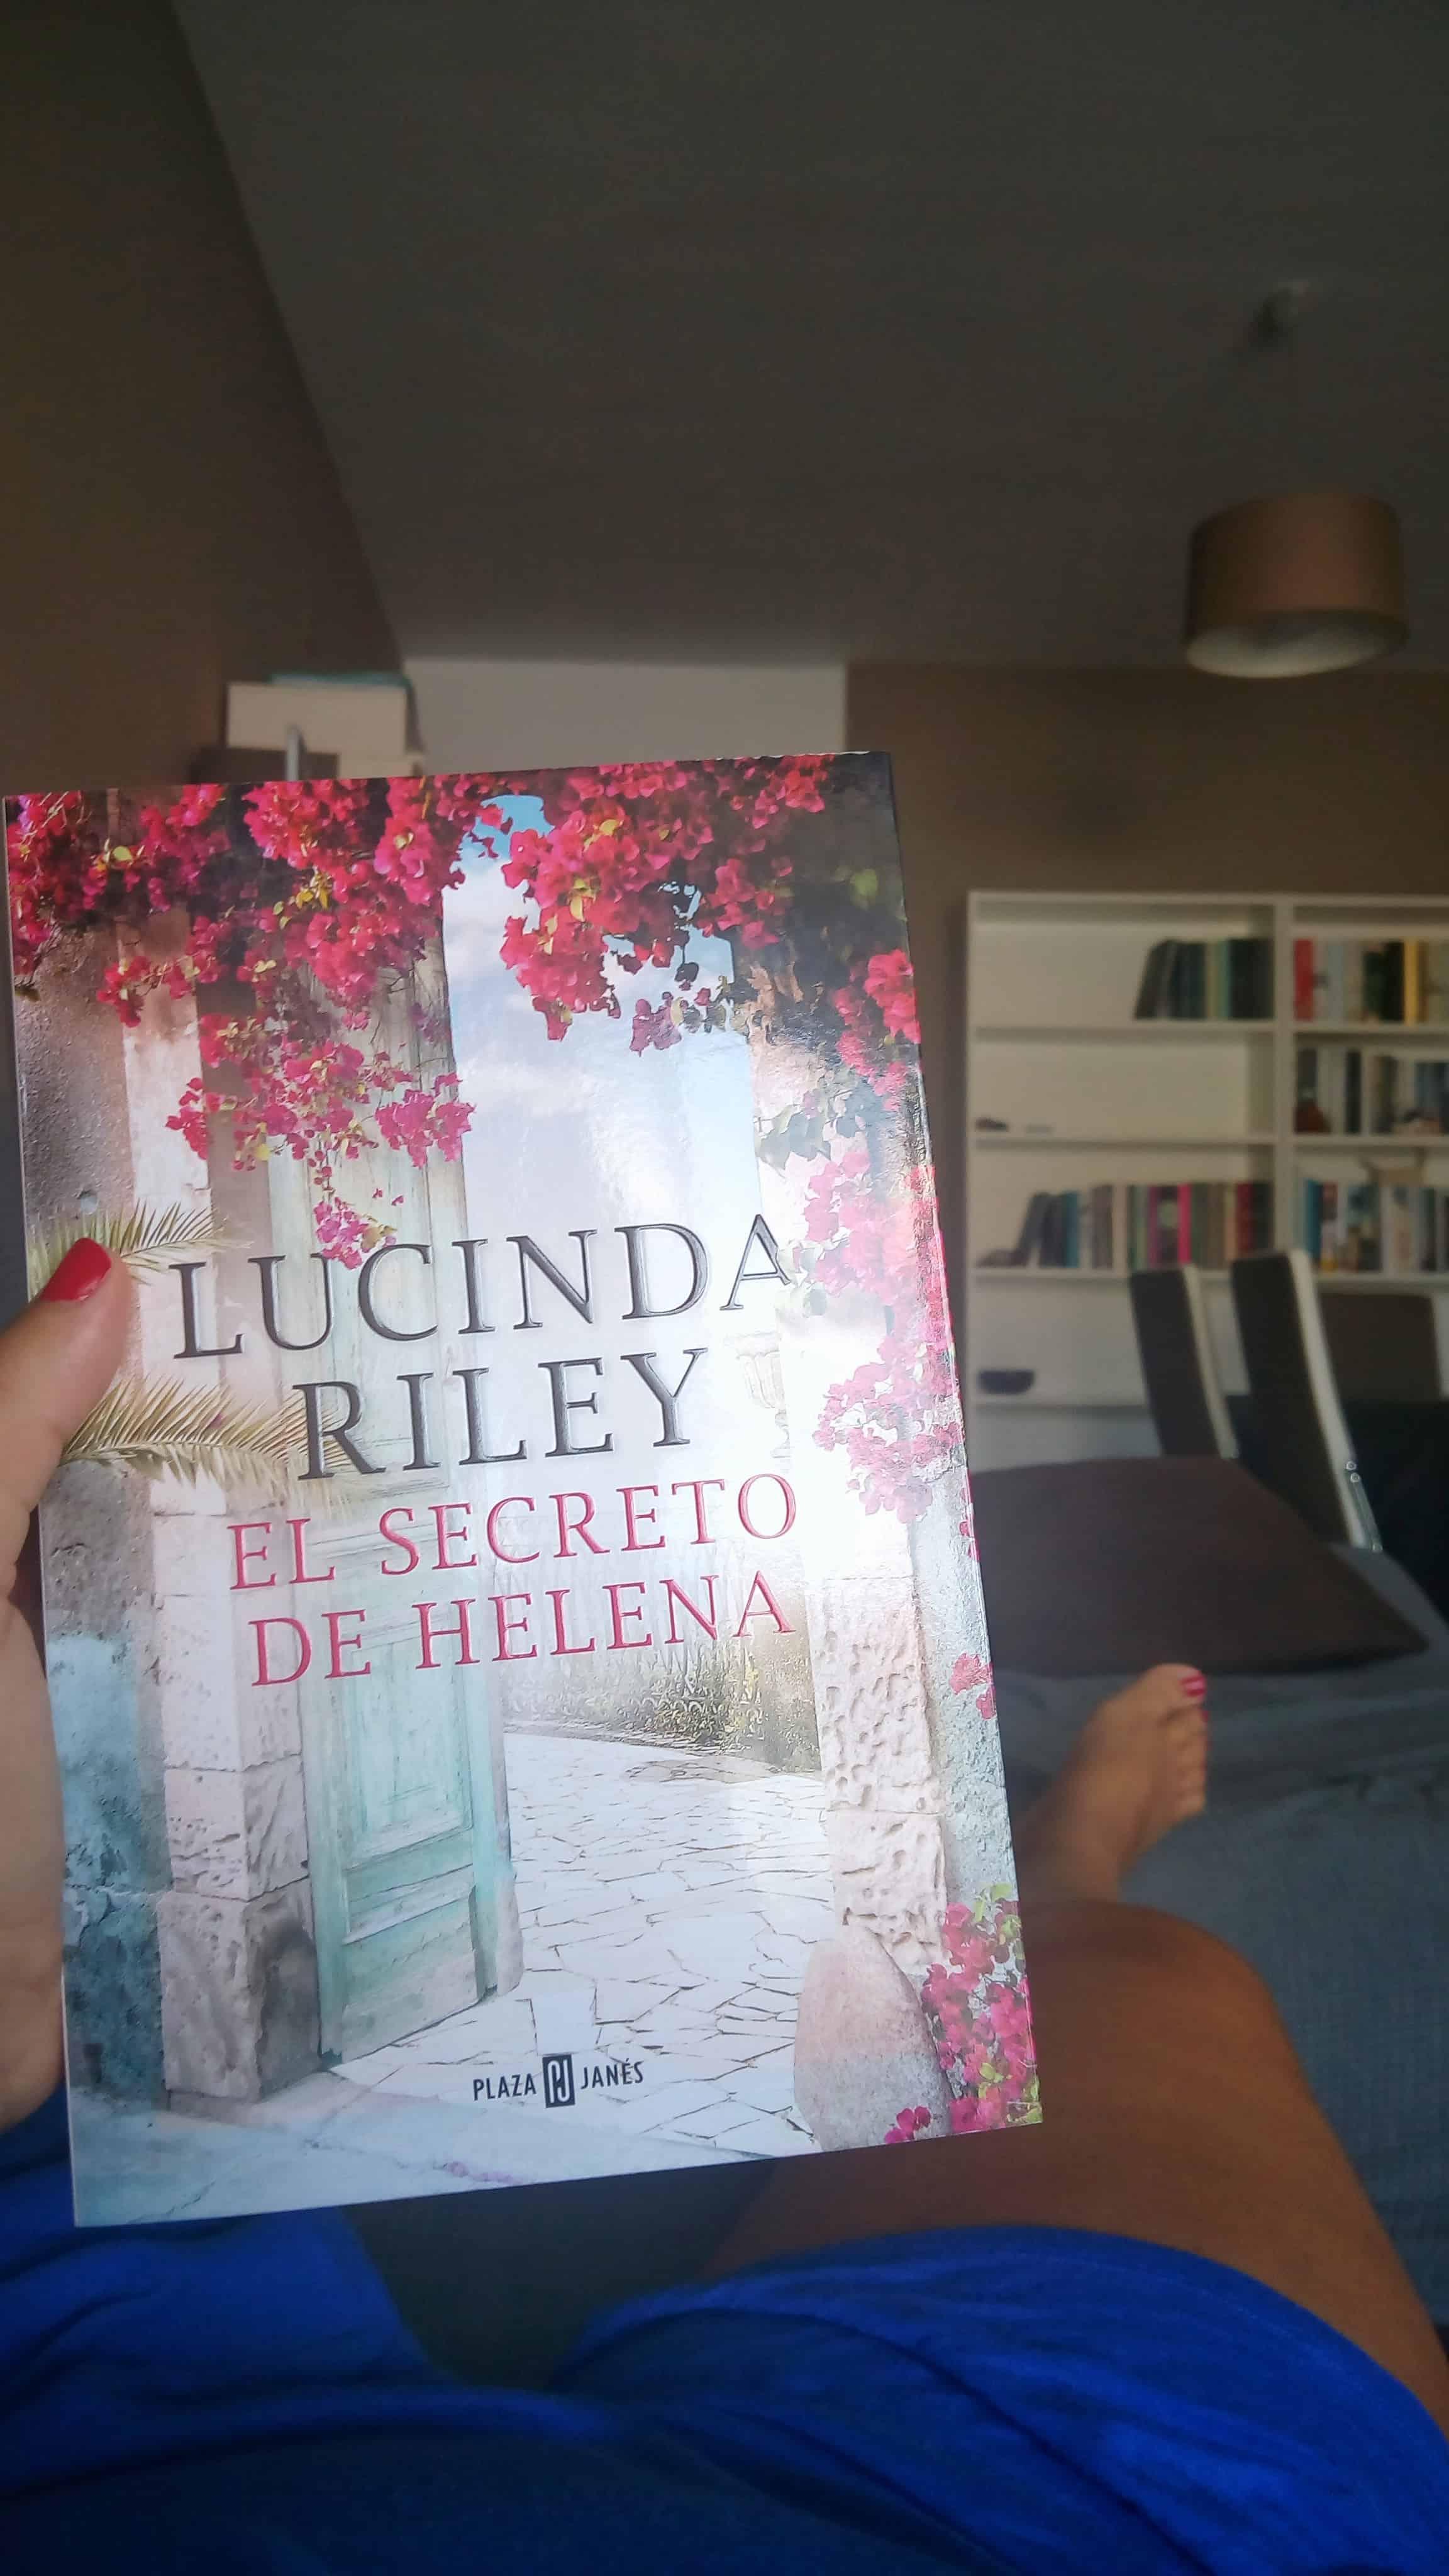 EL SECRETO DE HELENA, de Lucinda Riley.